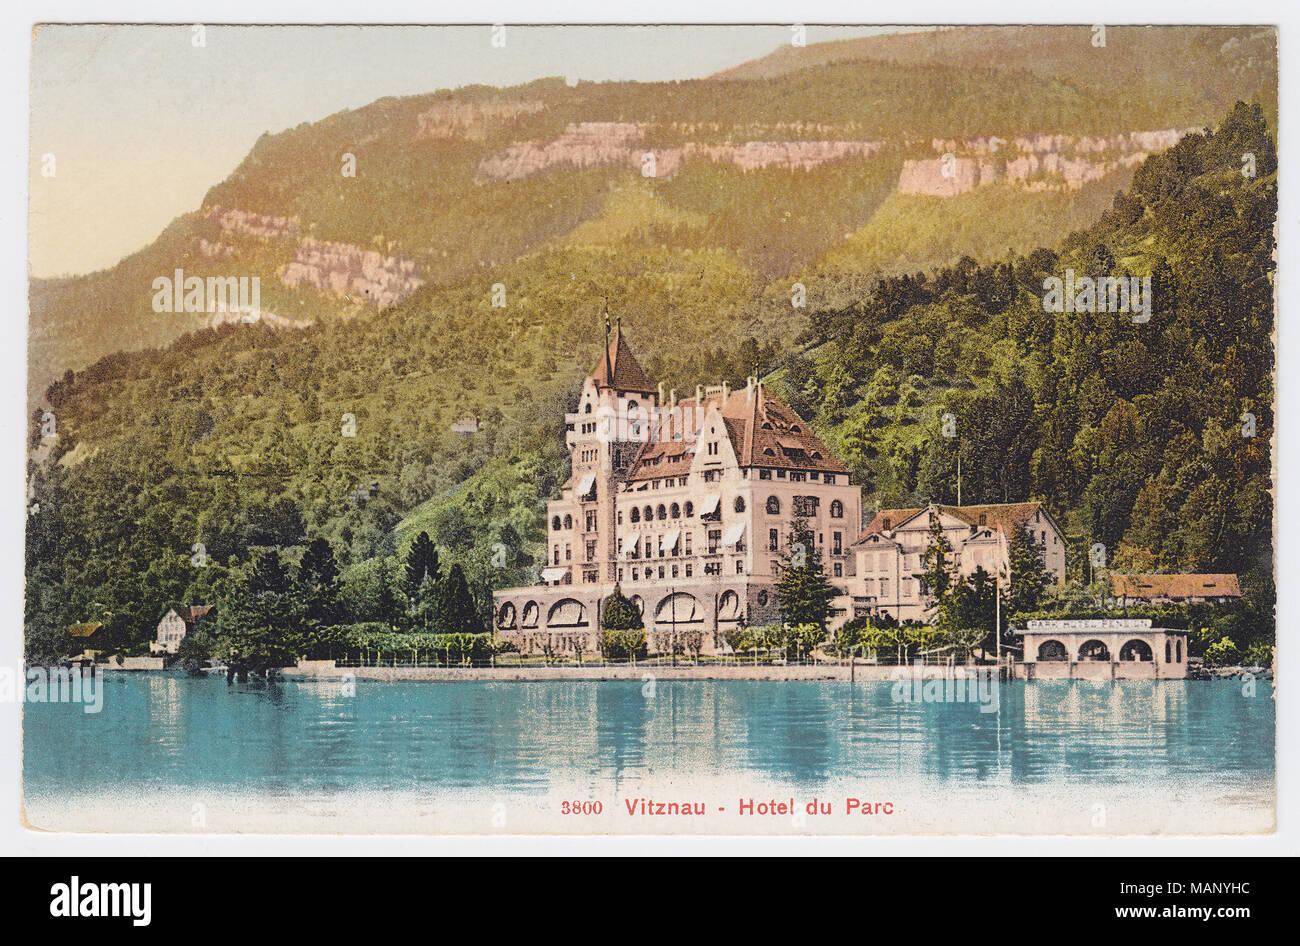 Park Hotel, Vitznau, Switzerland - Stock Image